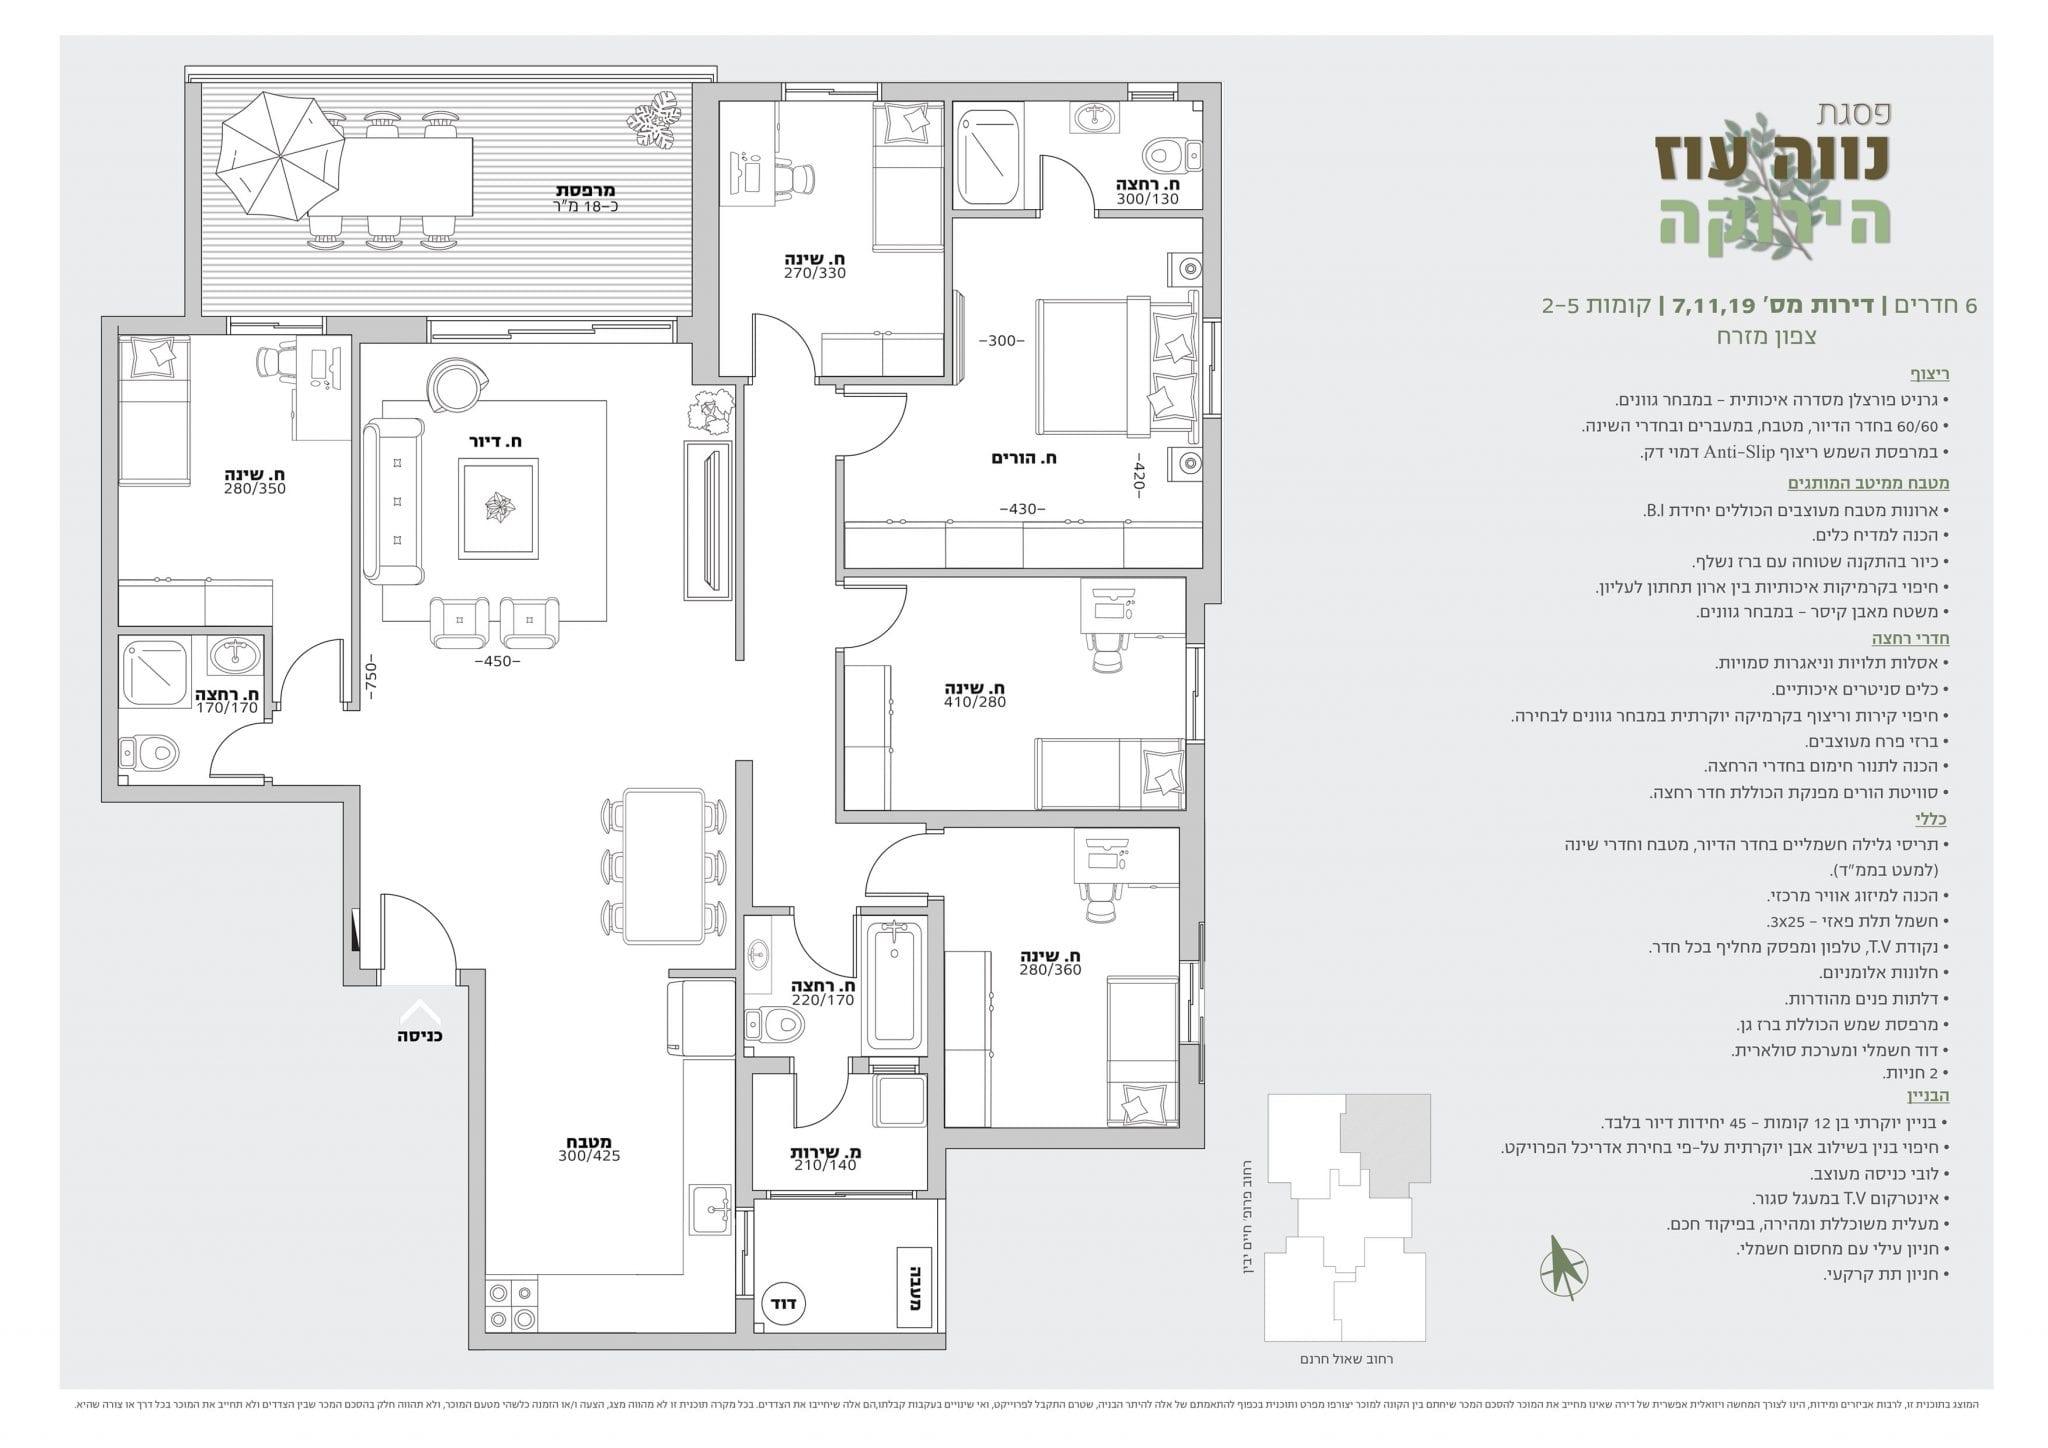 דירת 6 חדרים דירות מספר 7,11,19